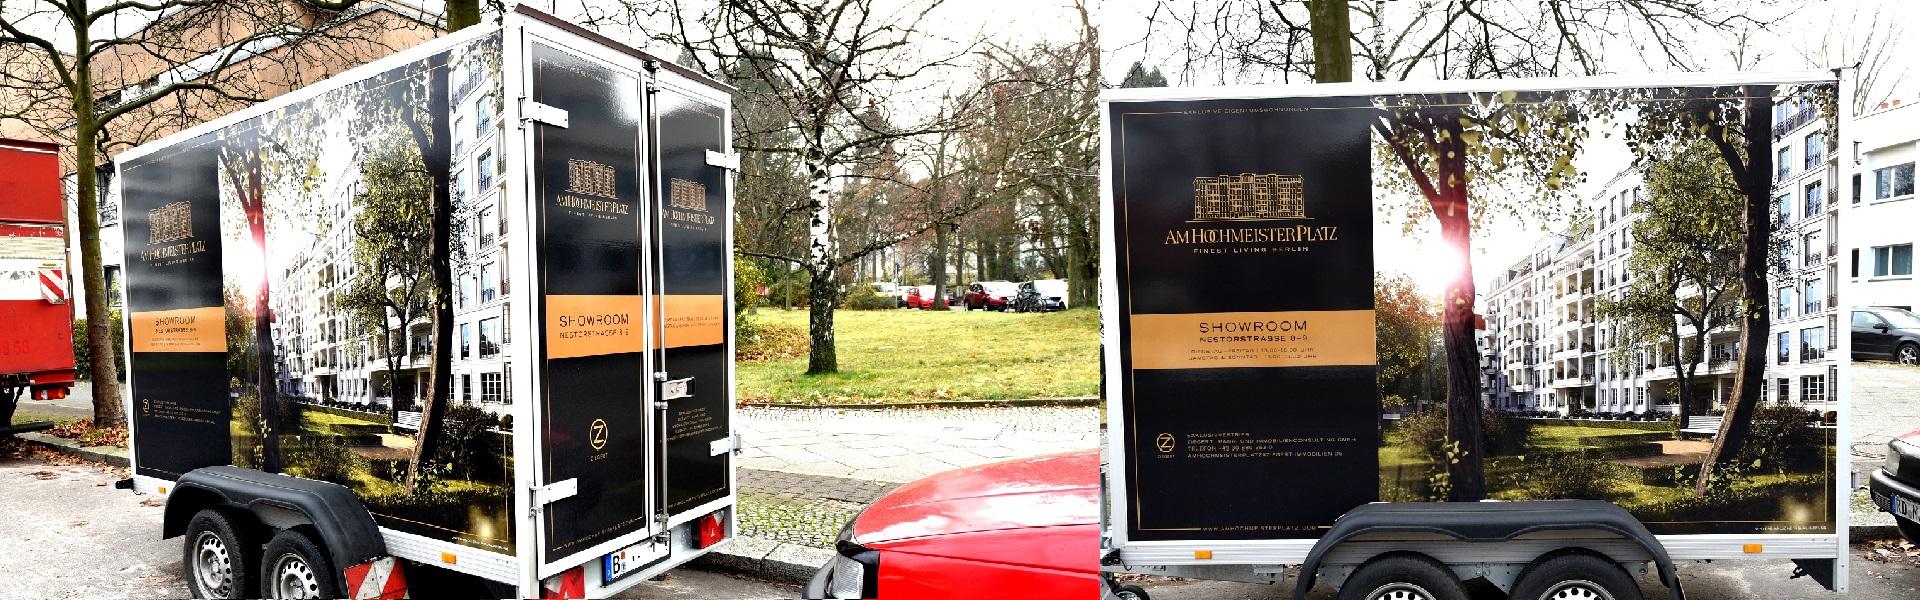 werbung auf pkw anh ngern kudammwerbung werbeagentur am kurf rstendamm in berlin. Black Bedroom Furniture Sets. Home Design Ideas